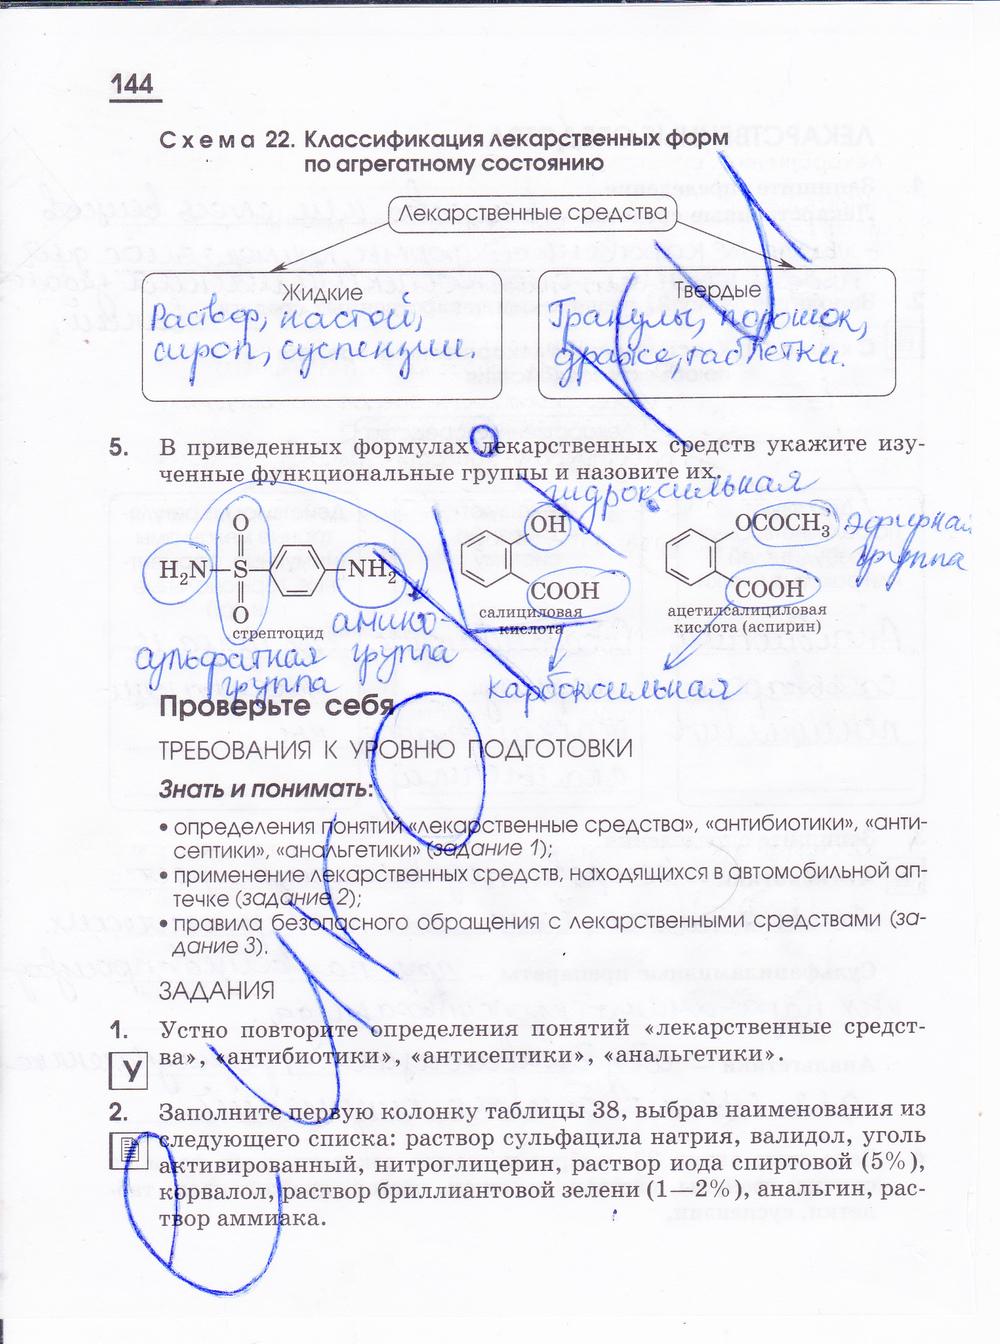 гдз по химии рабочая тетрадь 11 класс о.с.габриелян а.в.яшукова